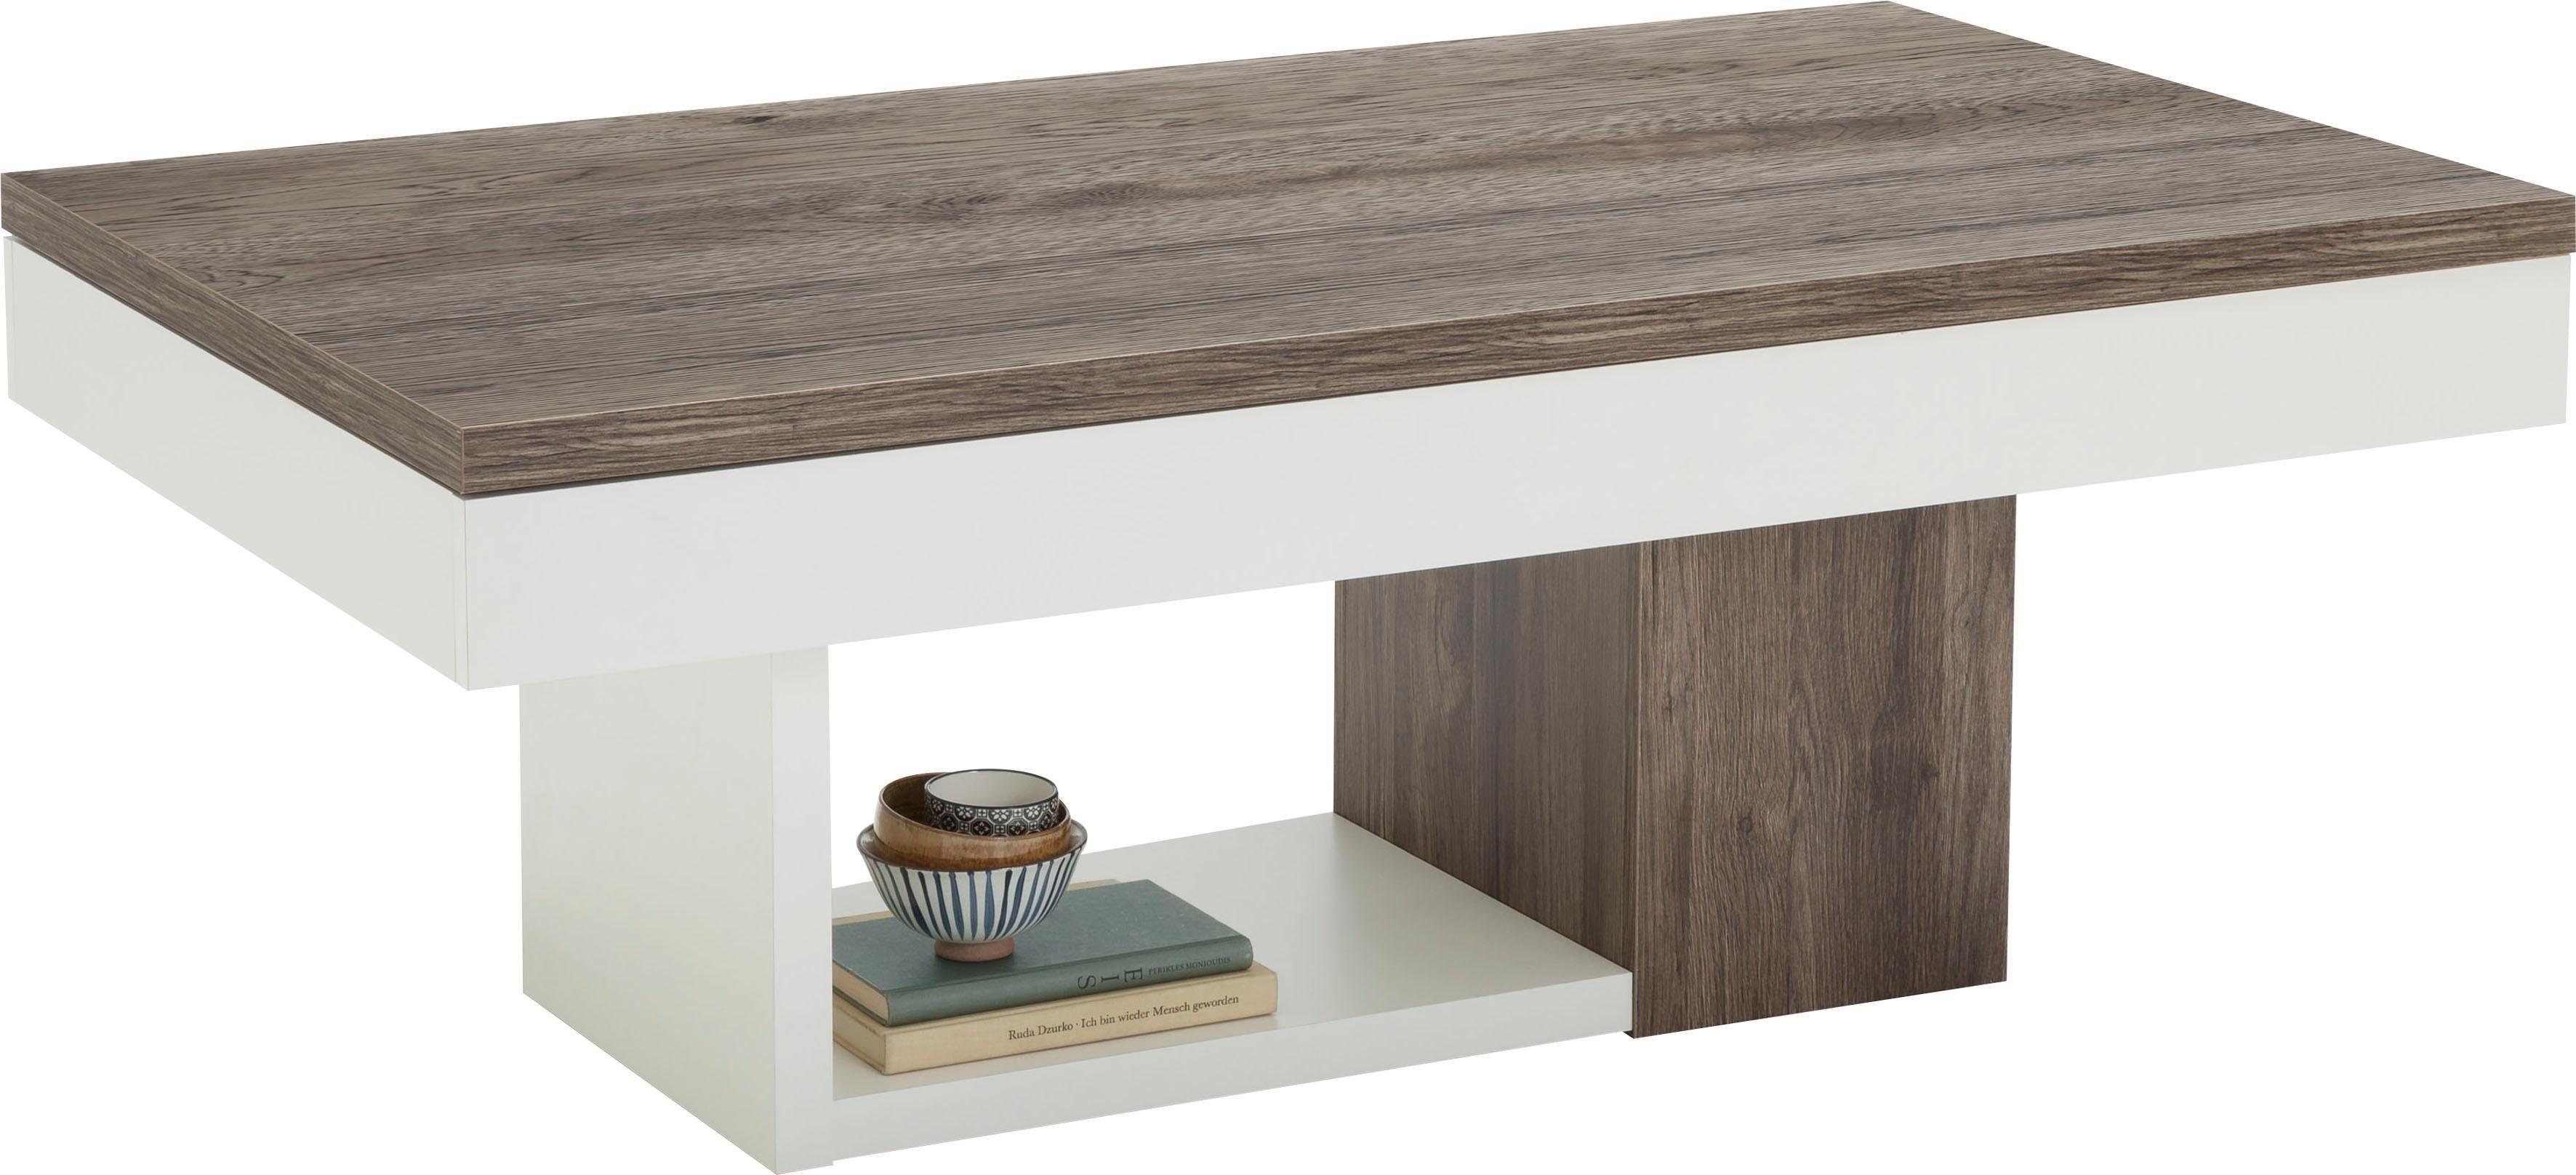 set one by Musterring Couchtisch »atlanta«, mit Funktion online kaufen | OTTO